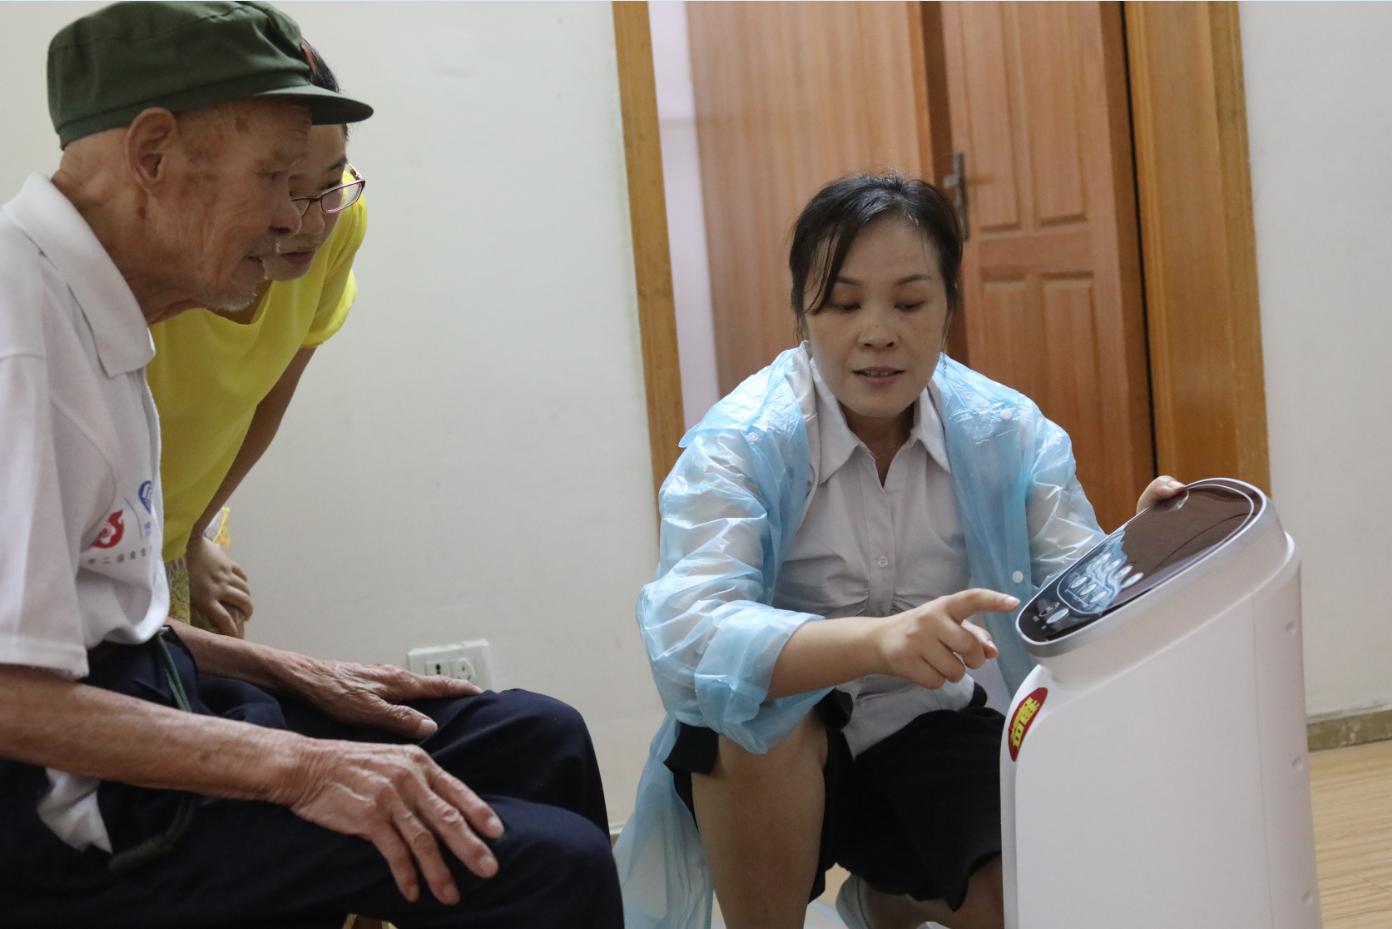 海之源程霞经理向詹老及其家人介绍高潜能健康器